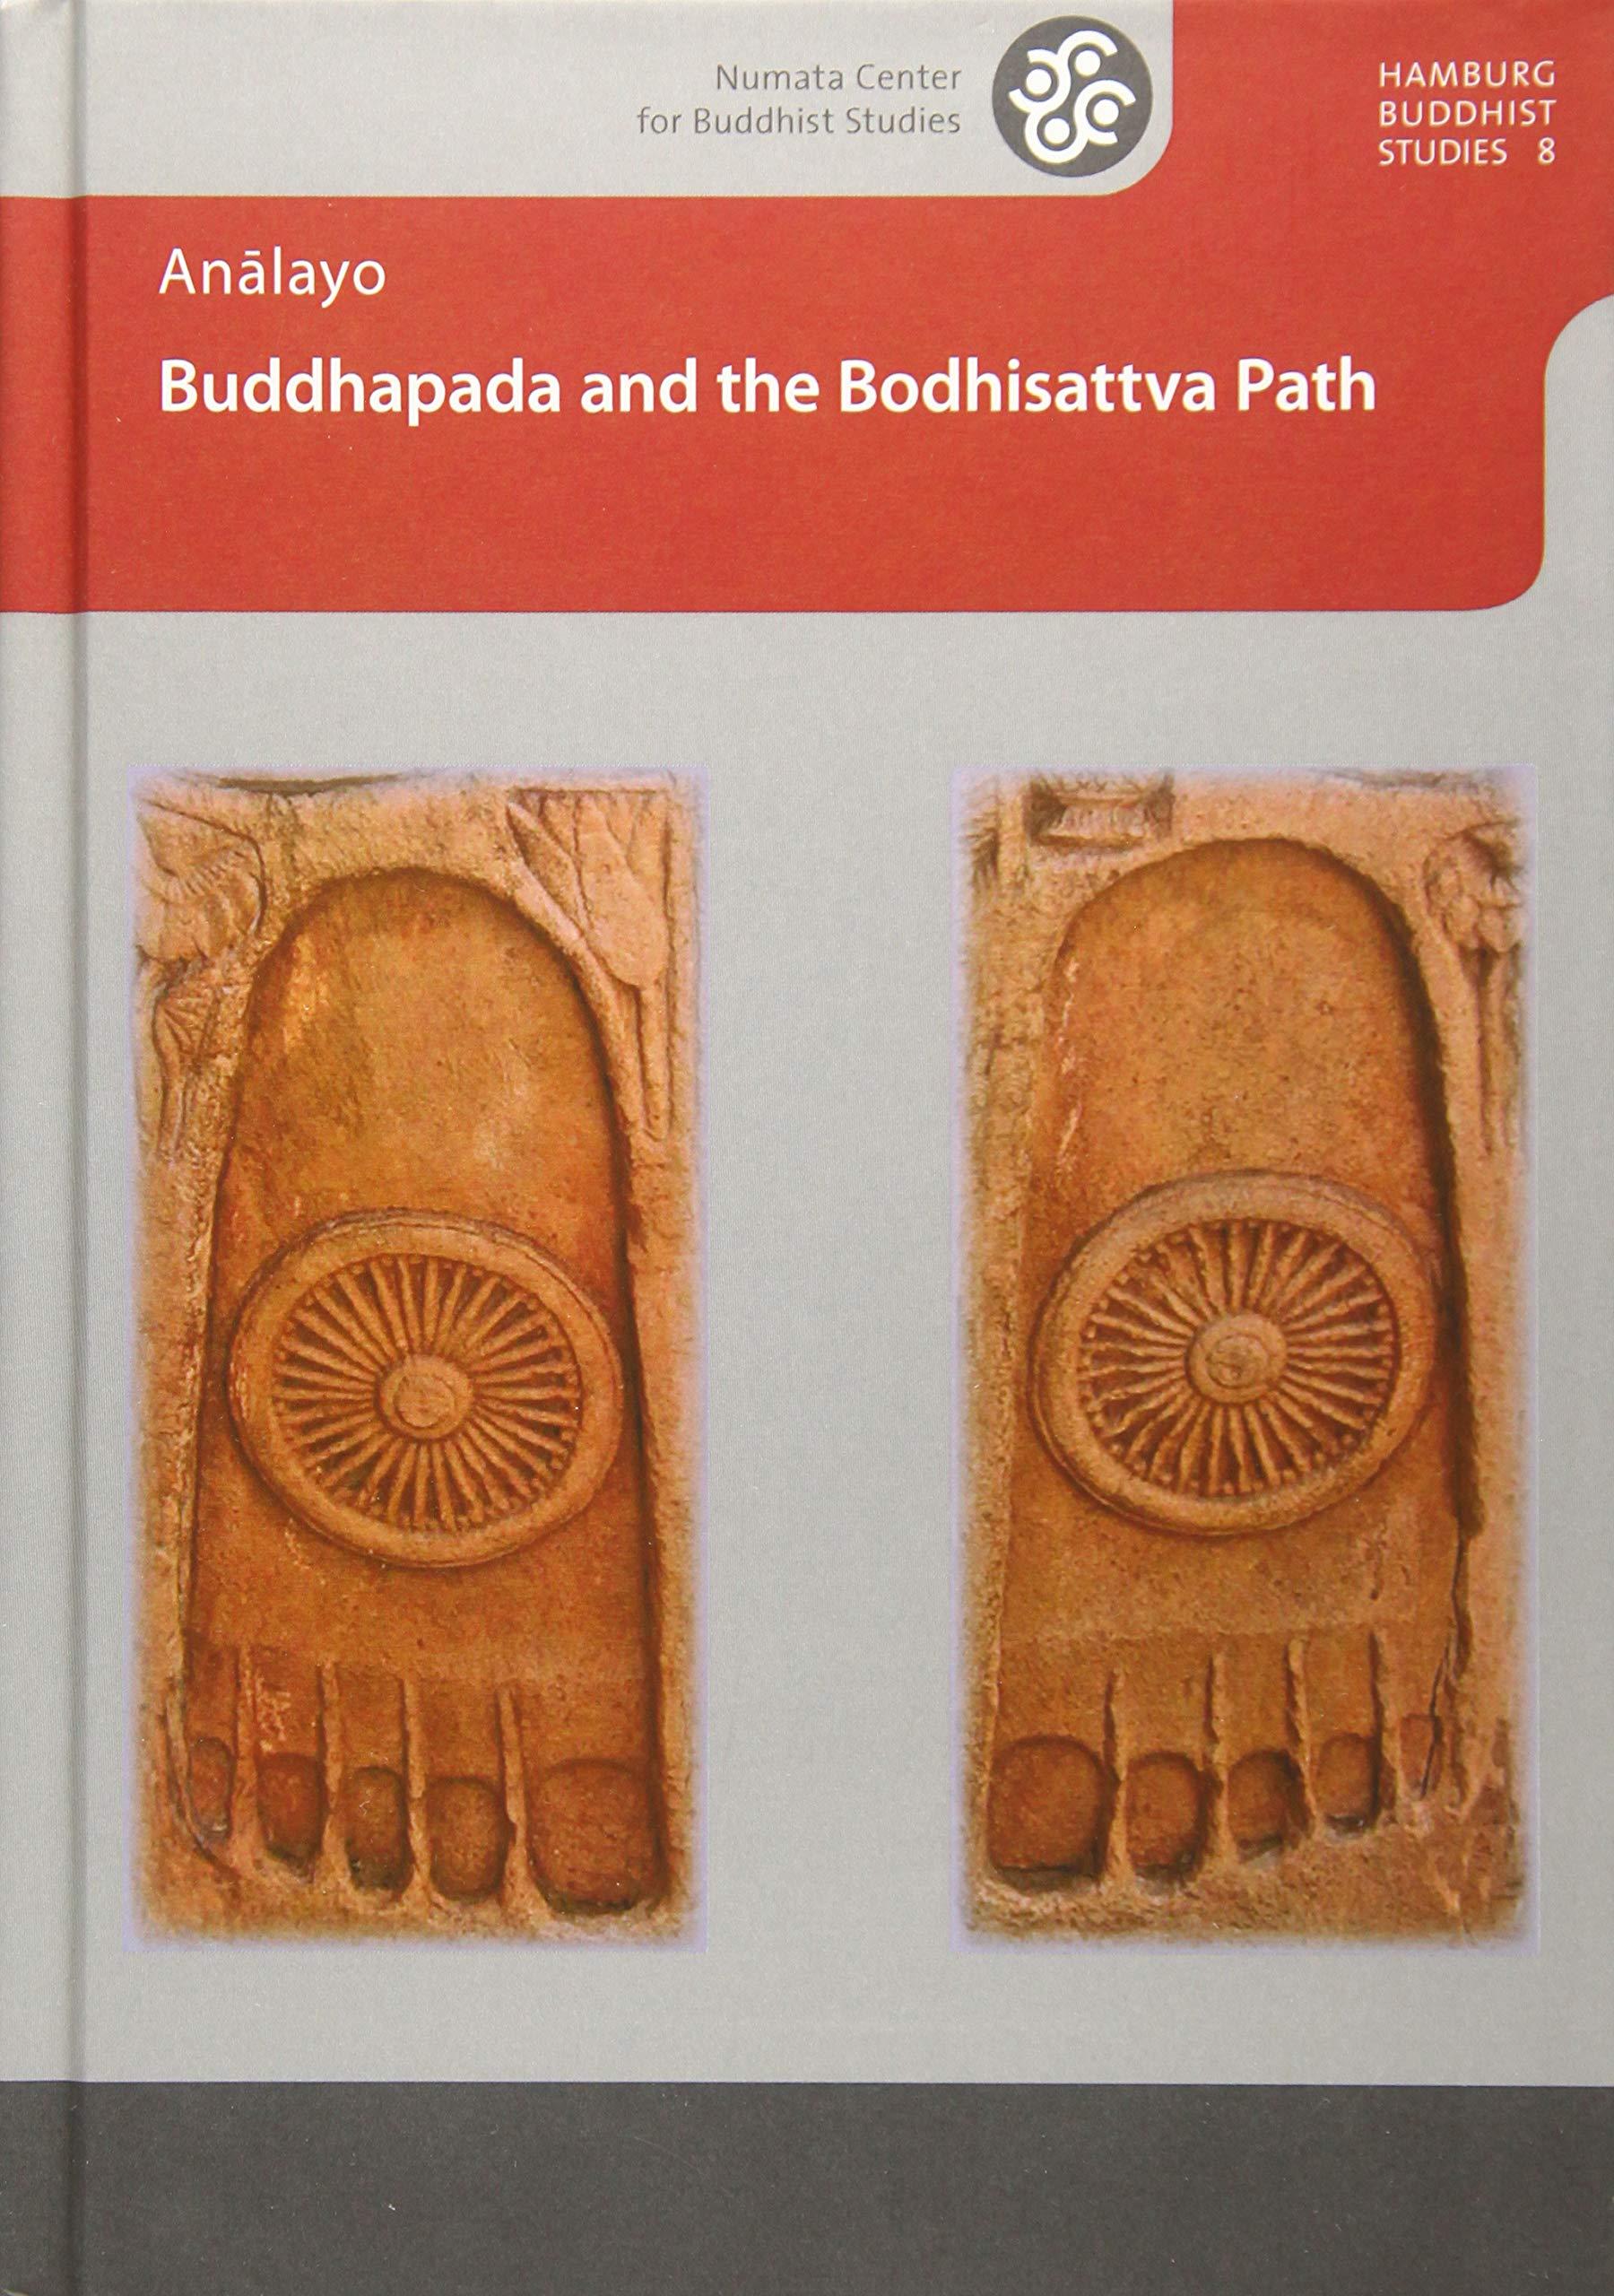 Analayo Buddhapada Bodhisattva Path cover art